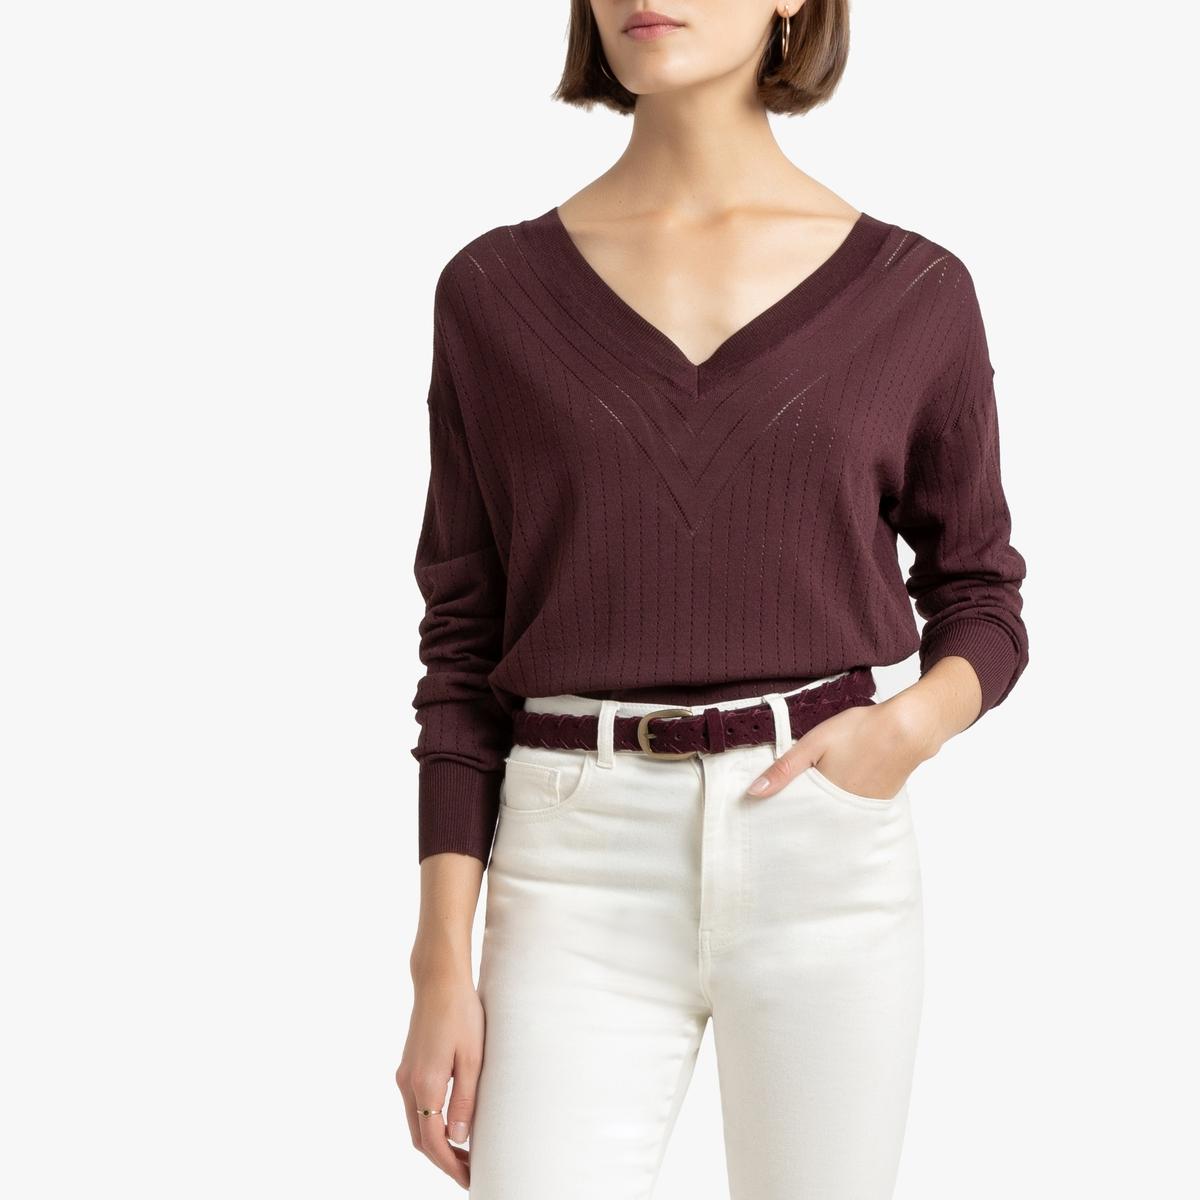 цена Пуловер La Redoute С V-образным вырезом из тонкого ажурного трикотажа S красный онлайн в 2017 году